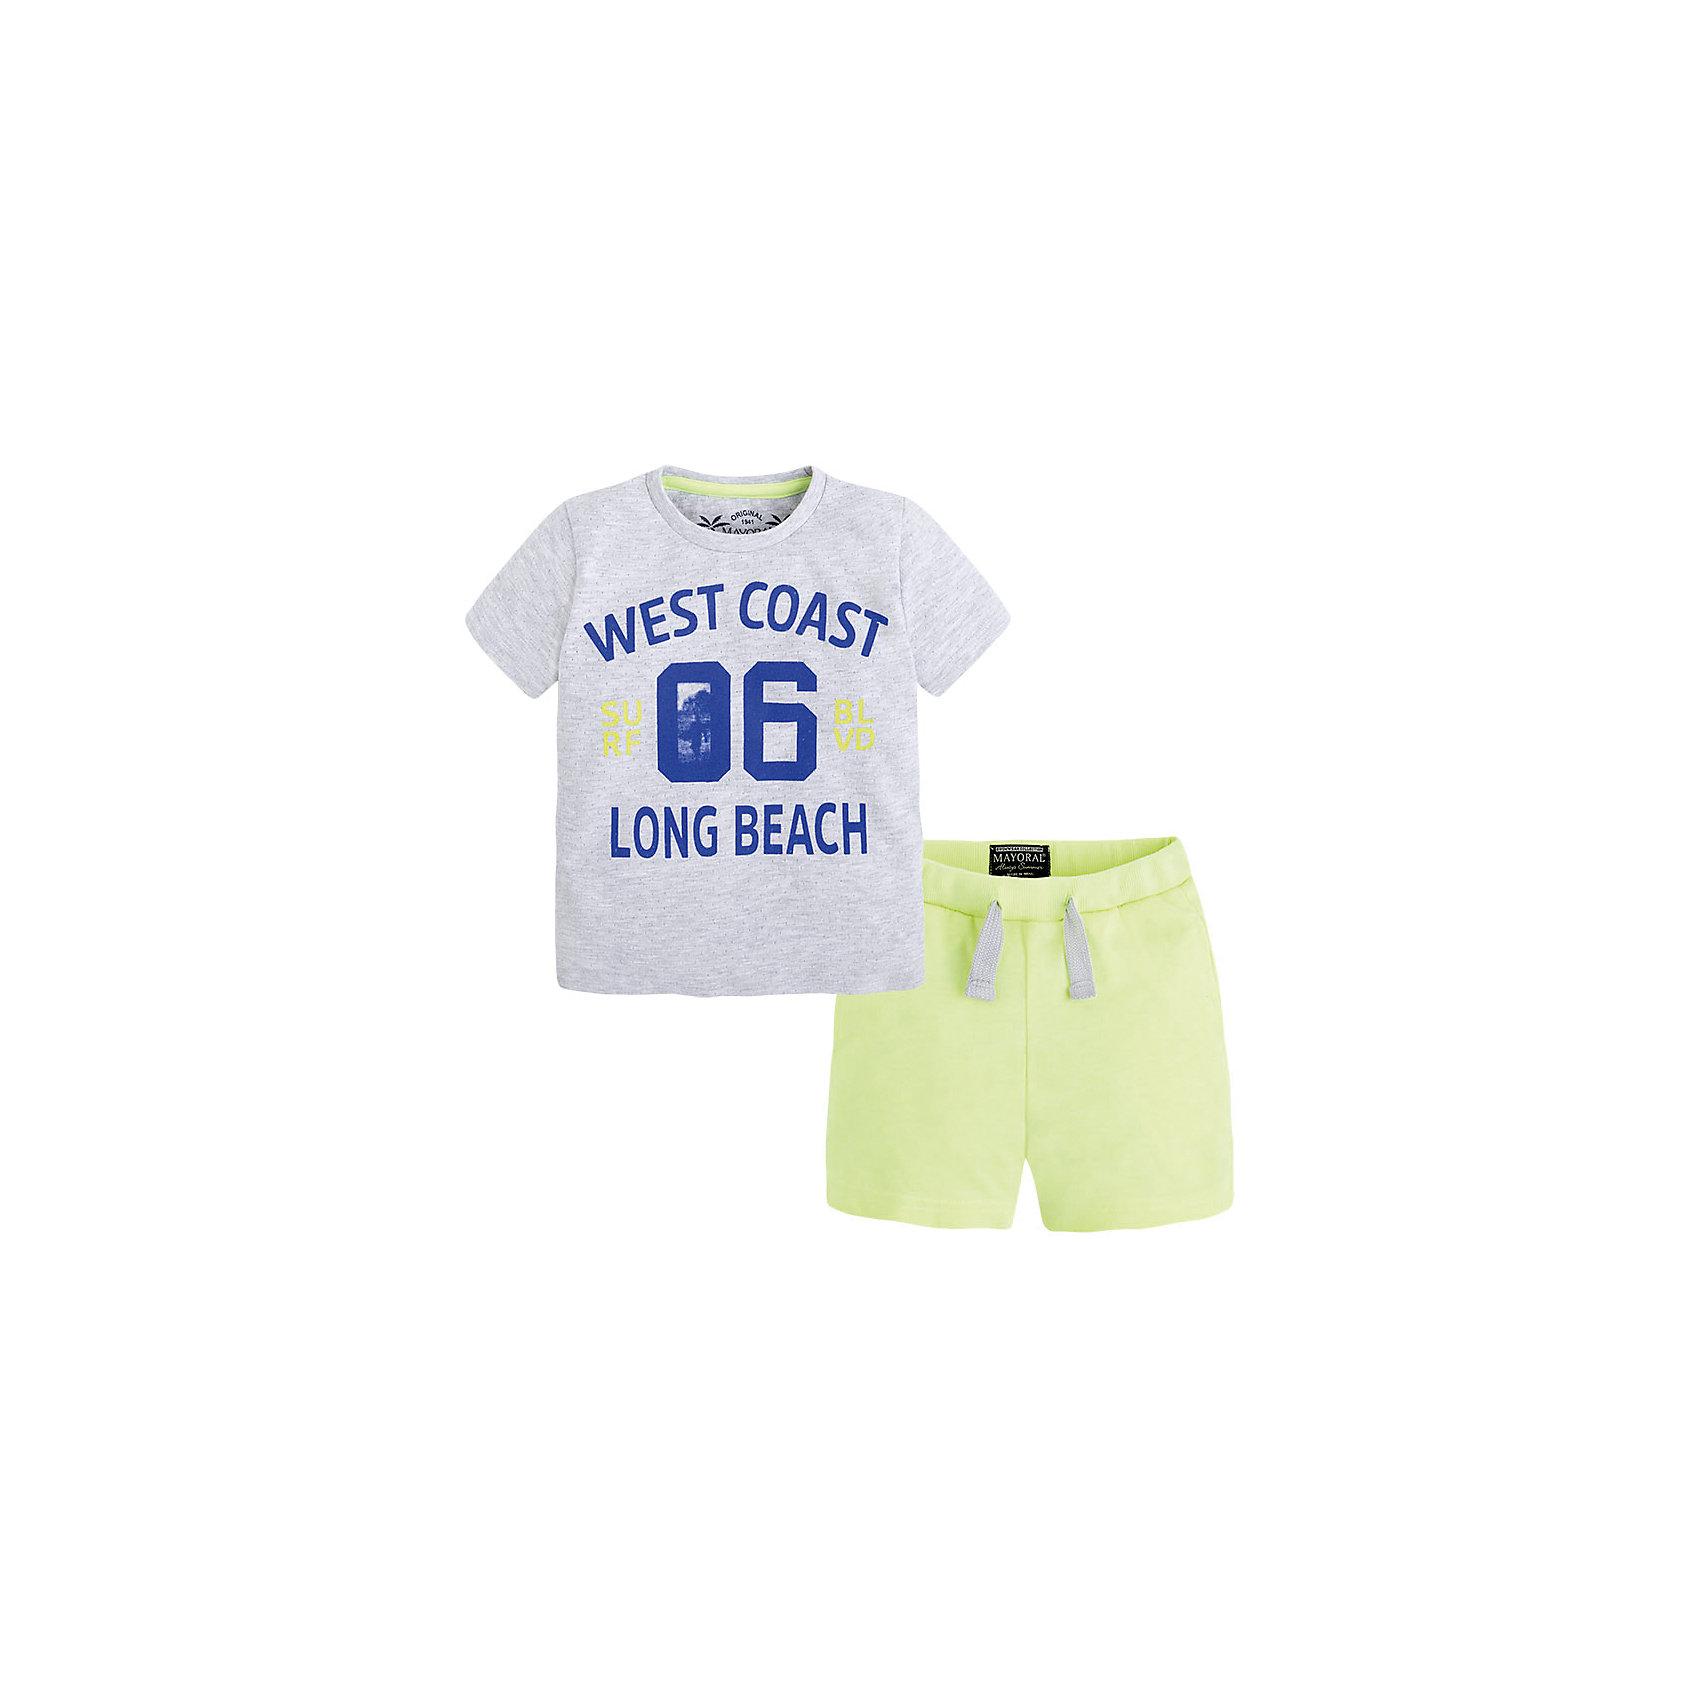 Комплект для мальчика: футболка и шорты MayoralКомплект: футболка и шорты для мальчика от известной испанской марки Mayoral <br><br>Модная футболка с шортами от Mayoral особенно актуальны в теплое время года! Она прекрасно сочетаются и с другими вещами.  Модель выполнена из качественных материалов, отлично сидит по фигуре.<br><br>Особенности модели:<br><br>- цвет: серый, желтый<br>- принт;<br>- шорты - на резинке и шнурке;<br>- натуральный материал.<br><br>Дополнительная информация:<br><br>Состав: 98% хлопок, 2% полиэстер<br><br>Комплект: футболка и шорты для мальчика Mayoral (Майорал) можно купить в нашем магазине.<br><br>Ширина мм: 199<br>Глубина мм: 10<br>Высота мм: 161<br>Вес г: 151<br>Цвет: желтый<br>Возраст от месяцев: 96<br>Возраст до месяцев: 108<br>Пол: Мужской<br>Возраст: Детский<br>Размер: 134,128,110,104,98,116,122<br>SKU: 4542674